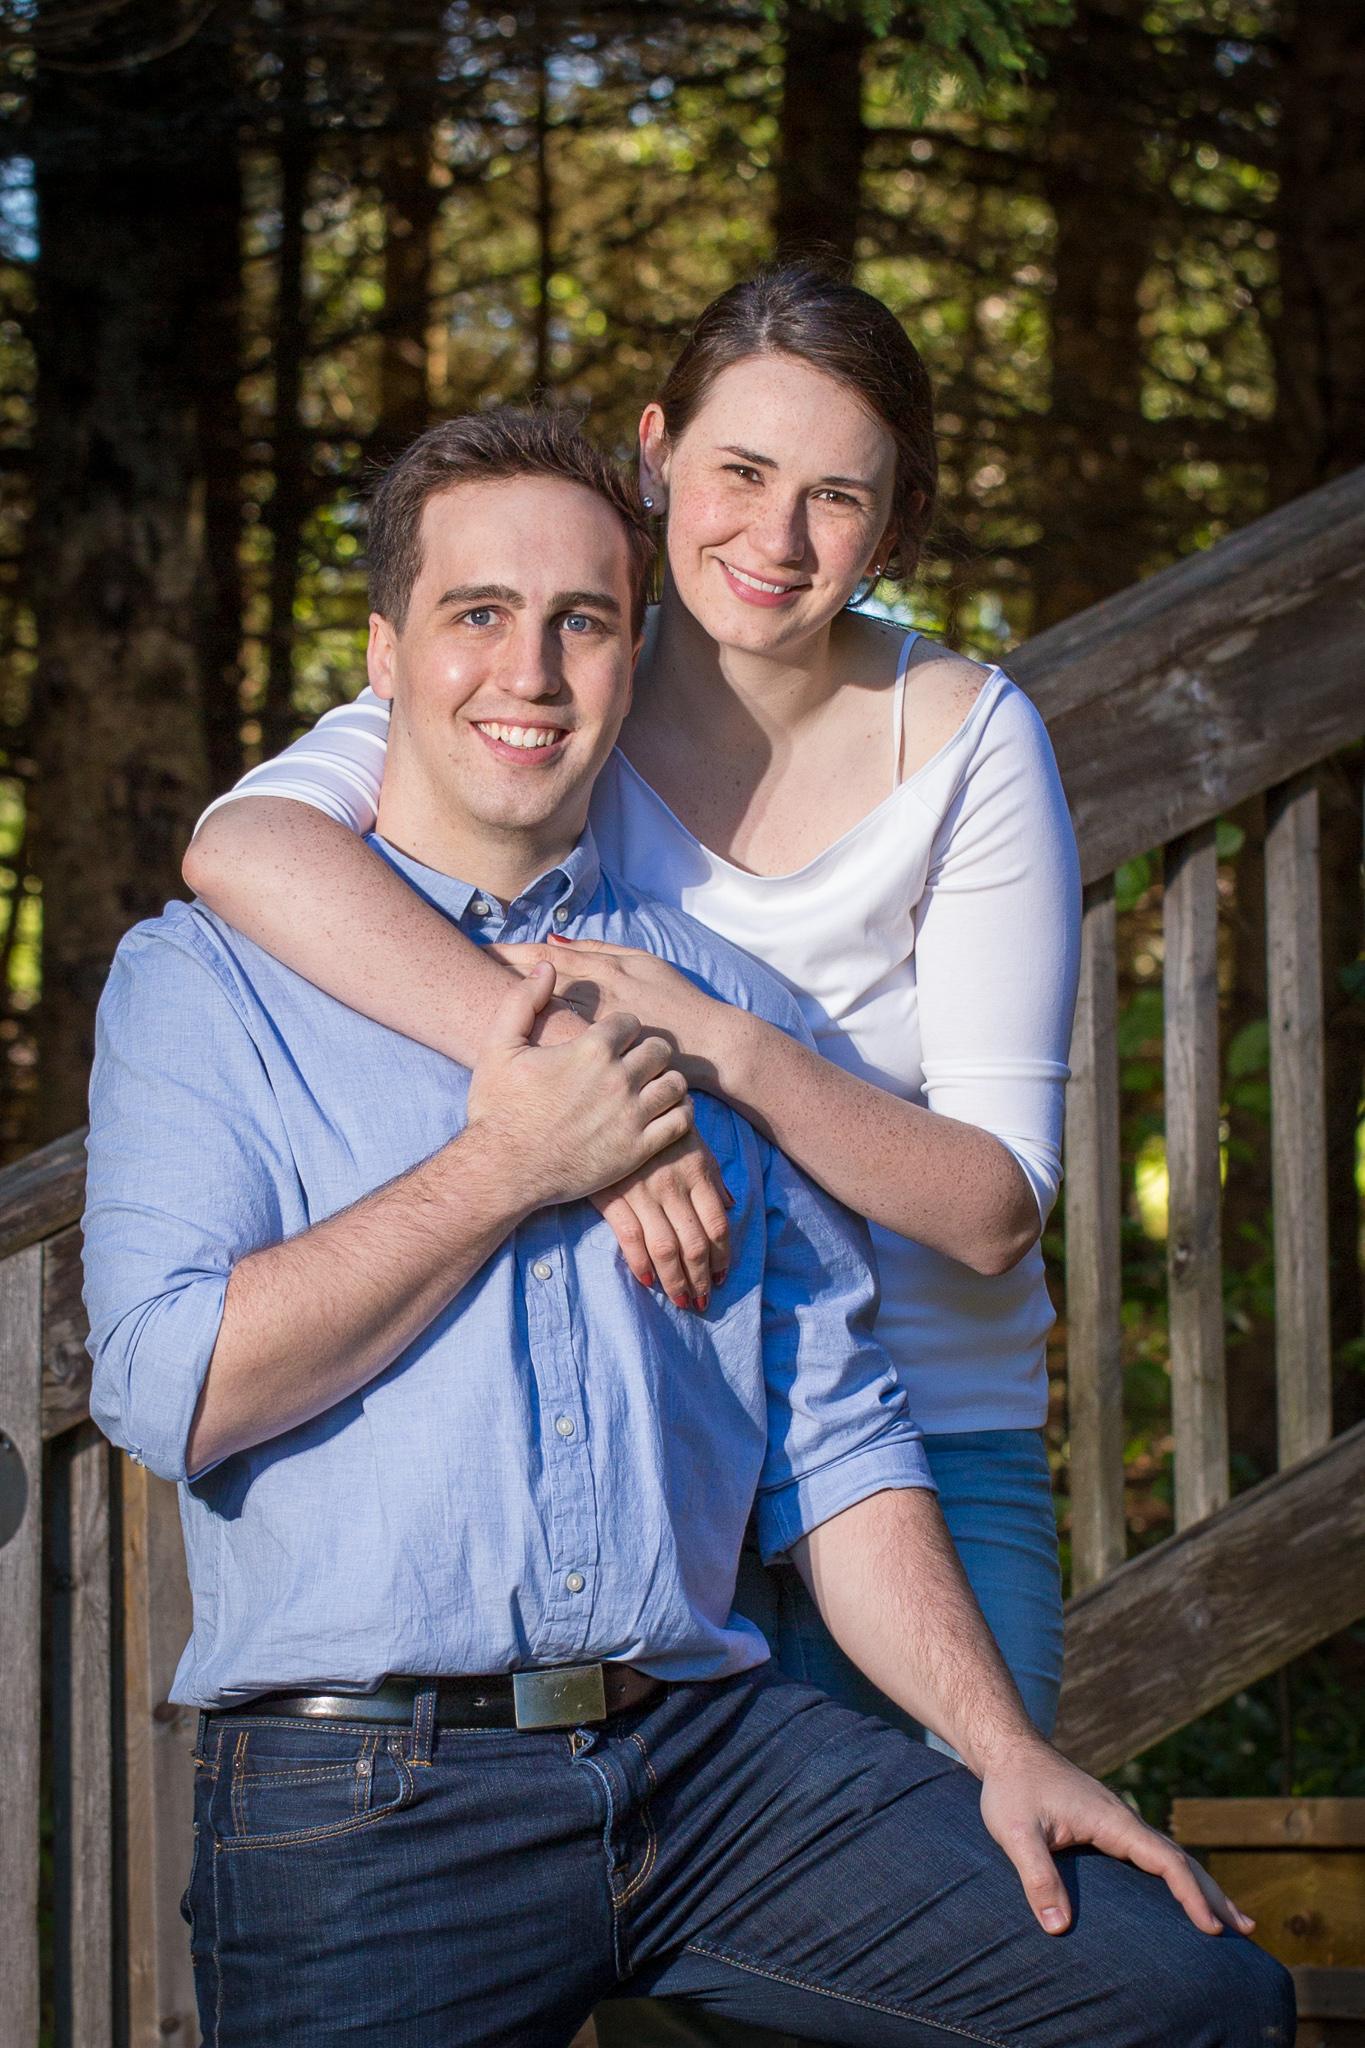 Engagement Photoshoot 29